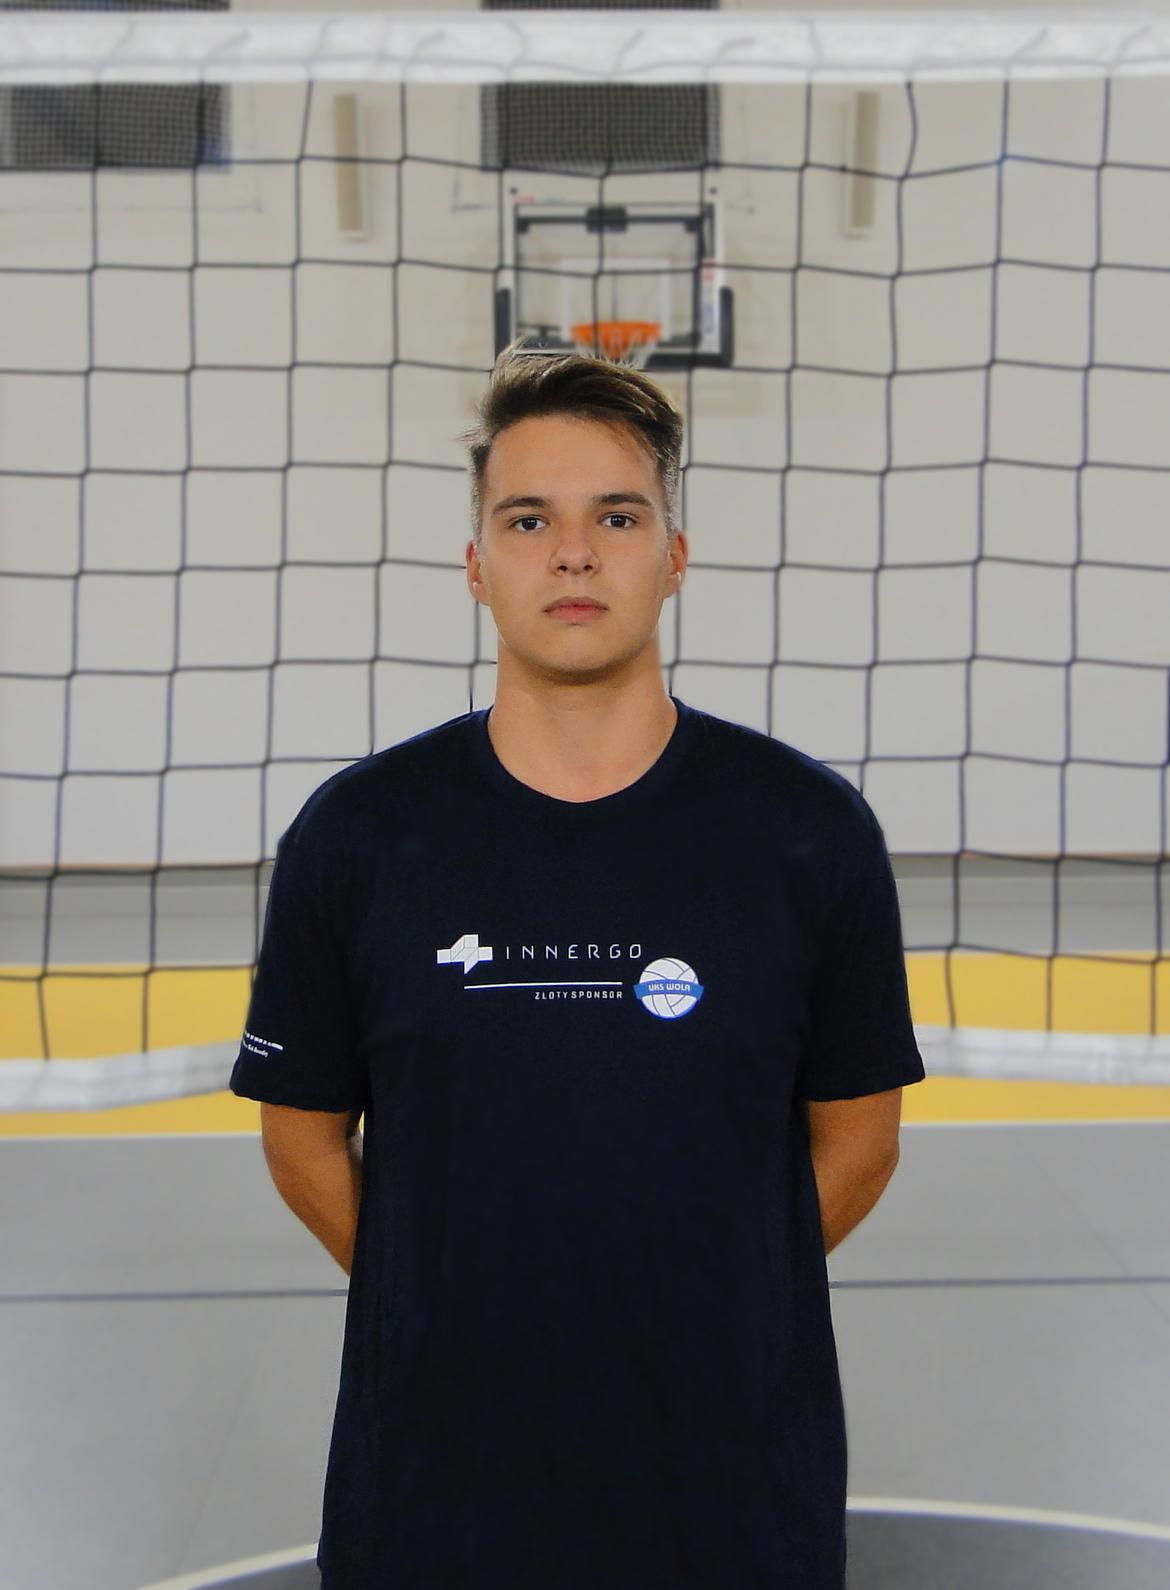 Jakub Dabroś Wiek: 17 Wzrost: 183 cm Pozycja: środkowy